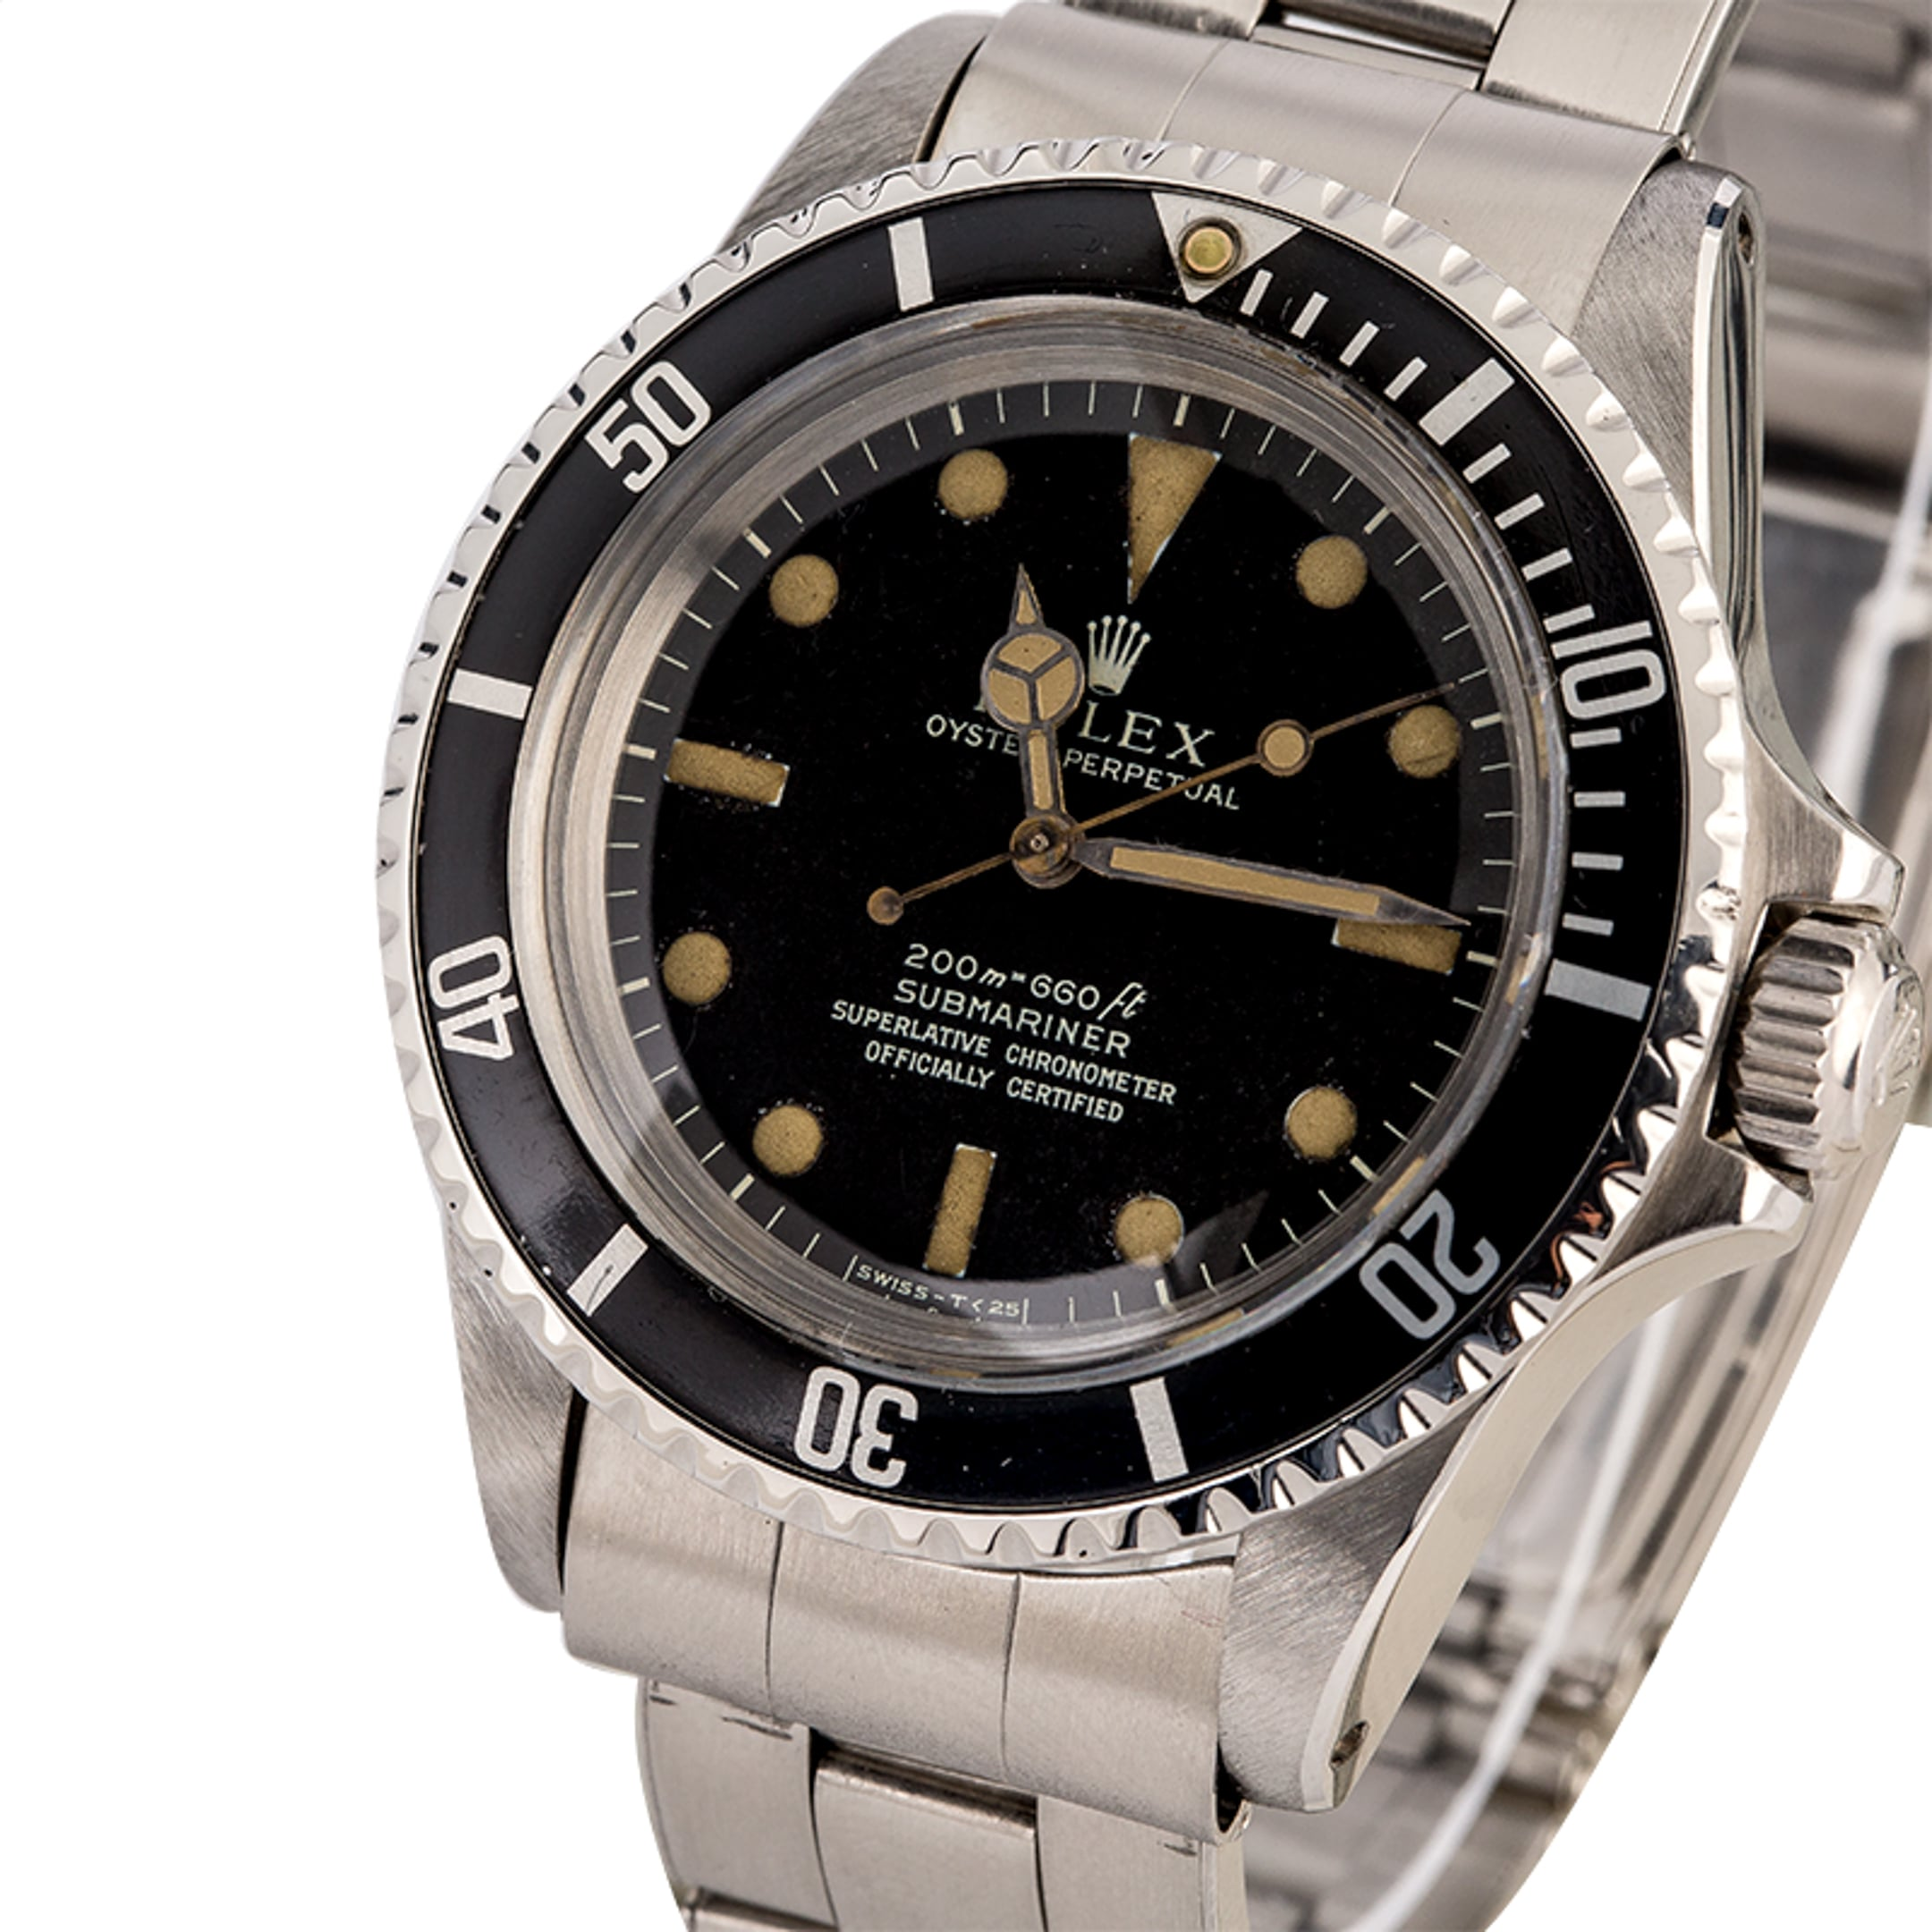 Vintage Rolex Submariner Date 40MM 16800 Steel Matte Black ...  Vintage Rolex Submariner